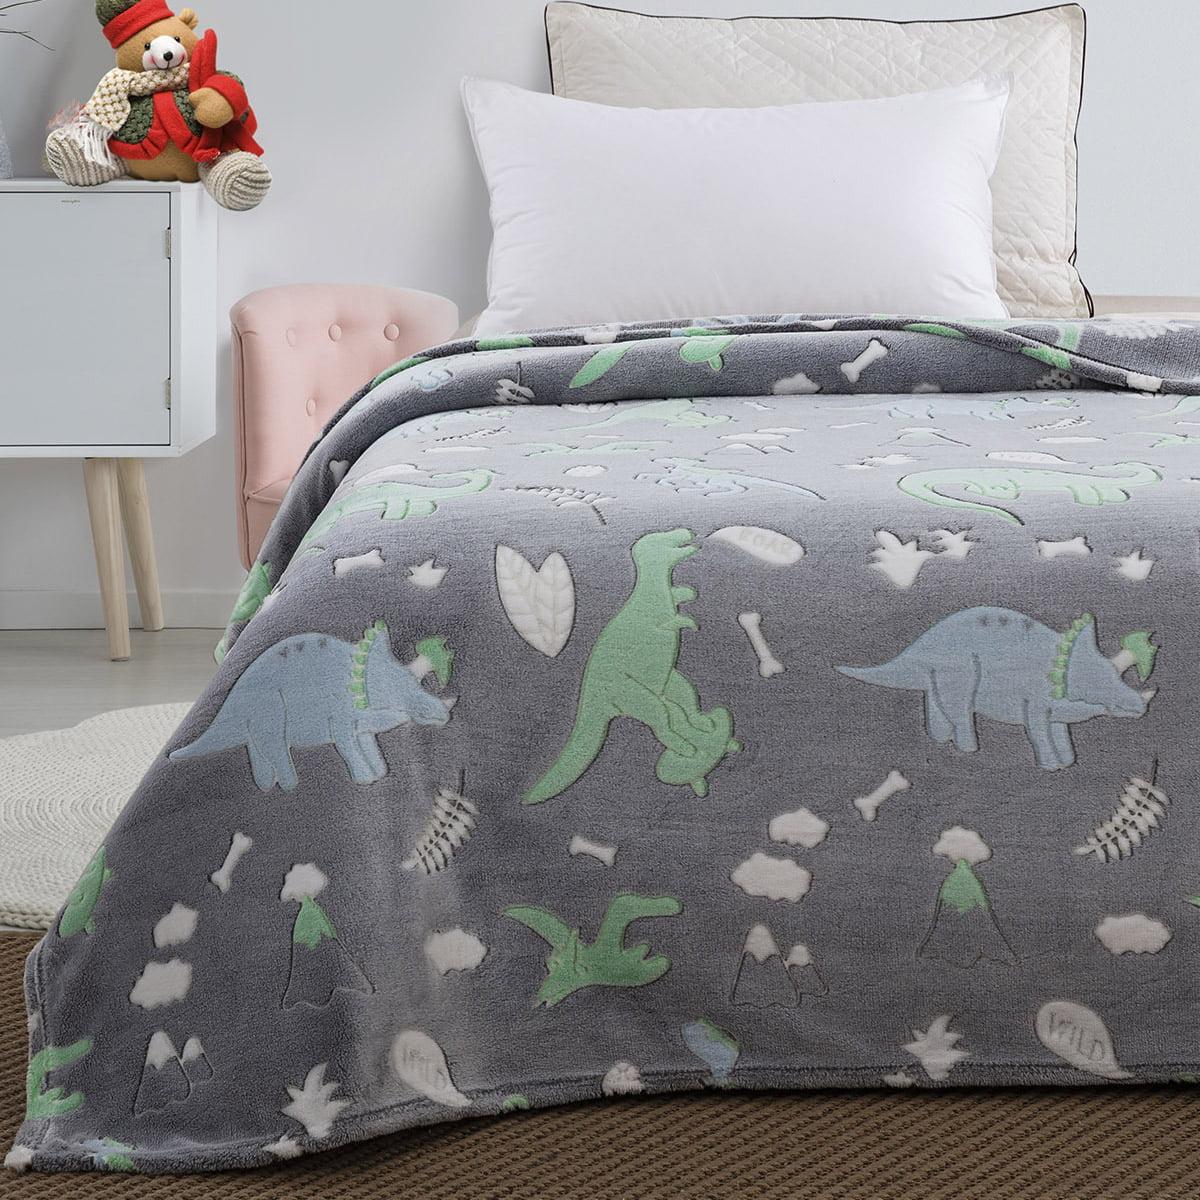 Κουβέρτα μονή φωσφορίζουσα Art 6145 160x220 Γκρι Beauty Home